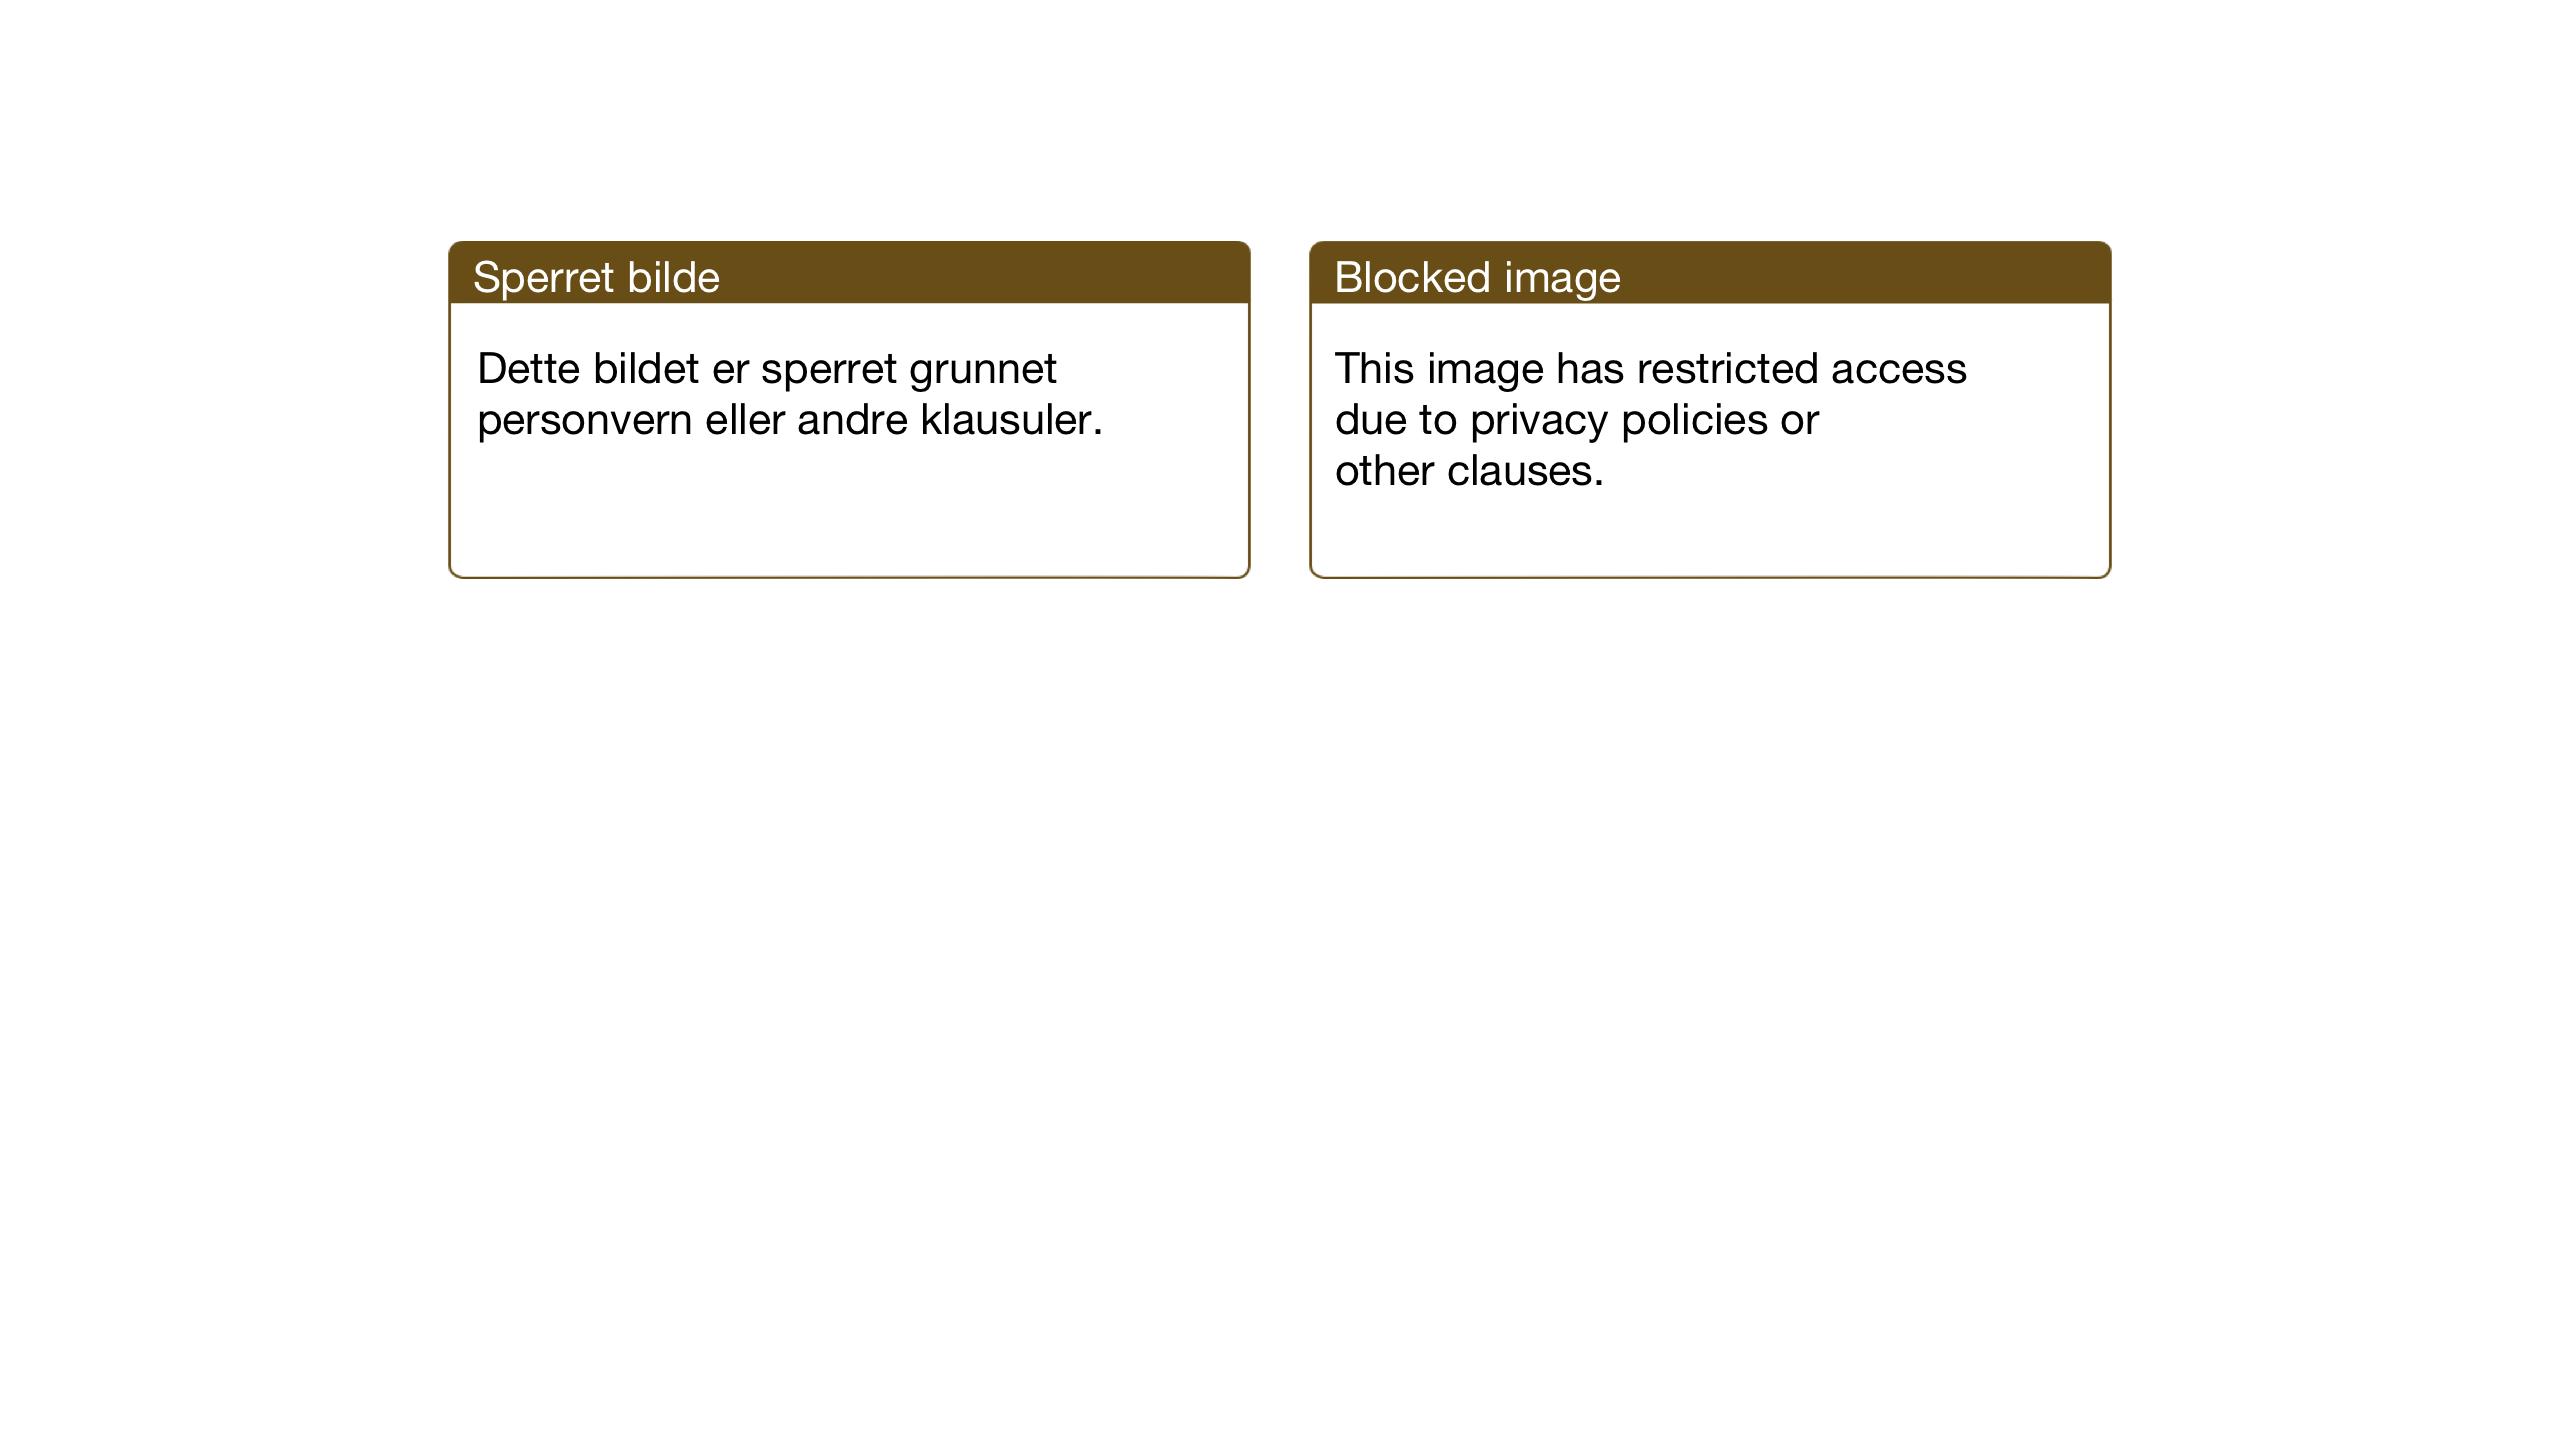 SAT, Ministerialprotokoller, klokkerbøker og fødselsregistre - Nord-Trøndelag, 774/L0631: Klokkerbok nr. 774C02, 1934-1950, s. 125